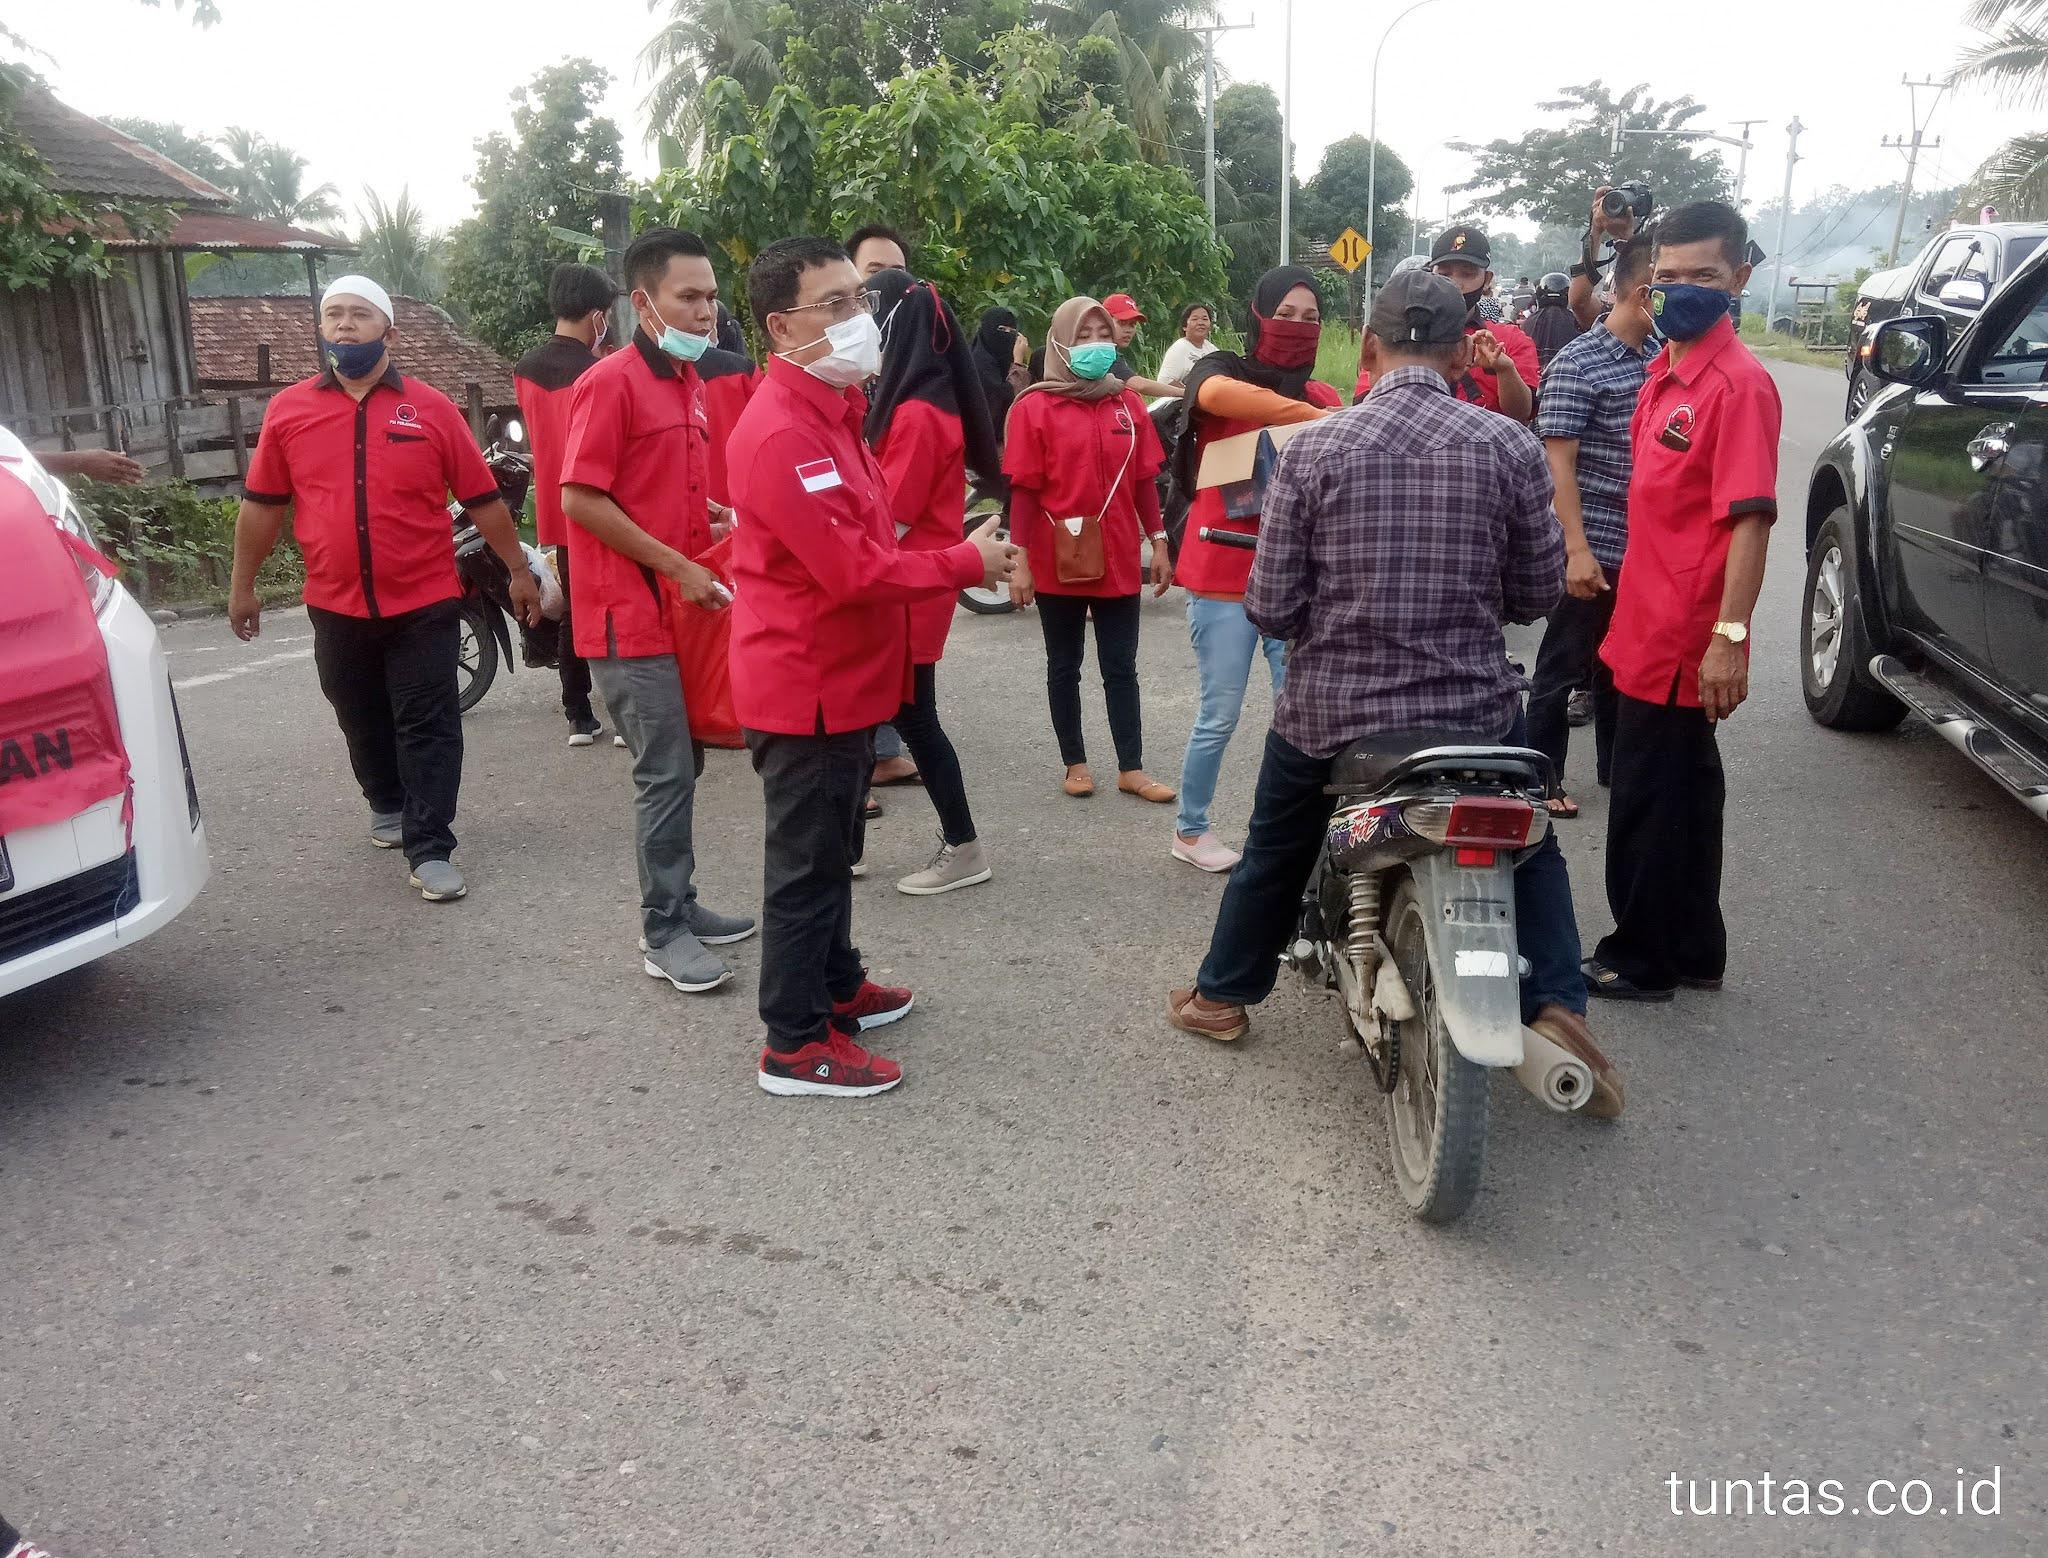 Ketua Badan Pemberdayaan Ekonomi Kerakyatan (BPEK) DPD PDI Perjuangan Provinsi Sumsel, H. Devi Suhartoni (HDS) sekaligus Bupati Muratara